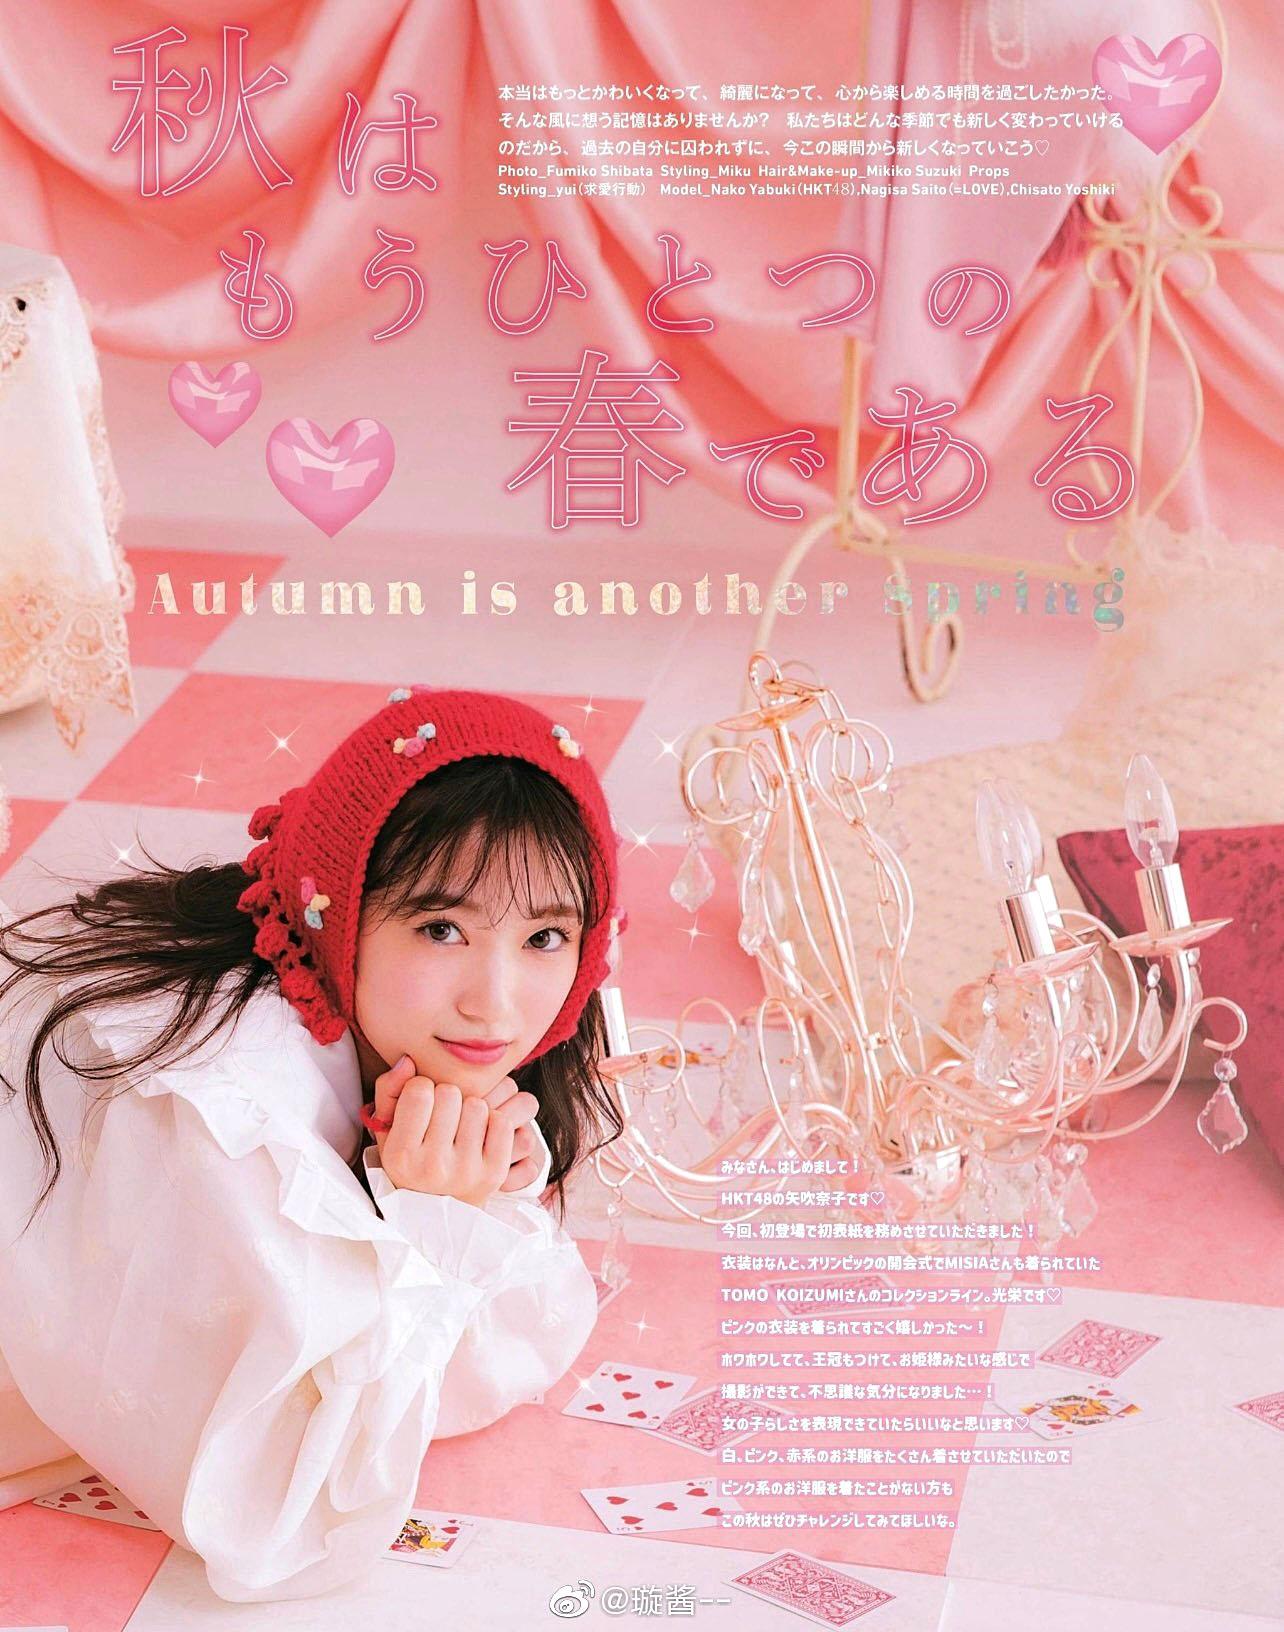 Nako Yabuki HKT48 Larme 50 2021 07.jpg